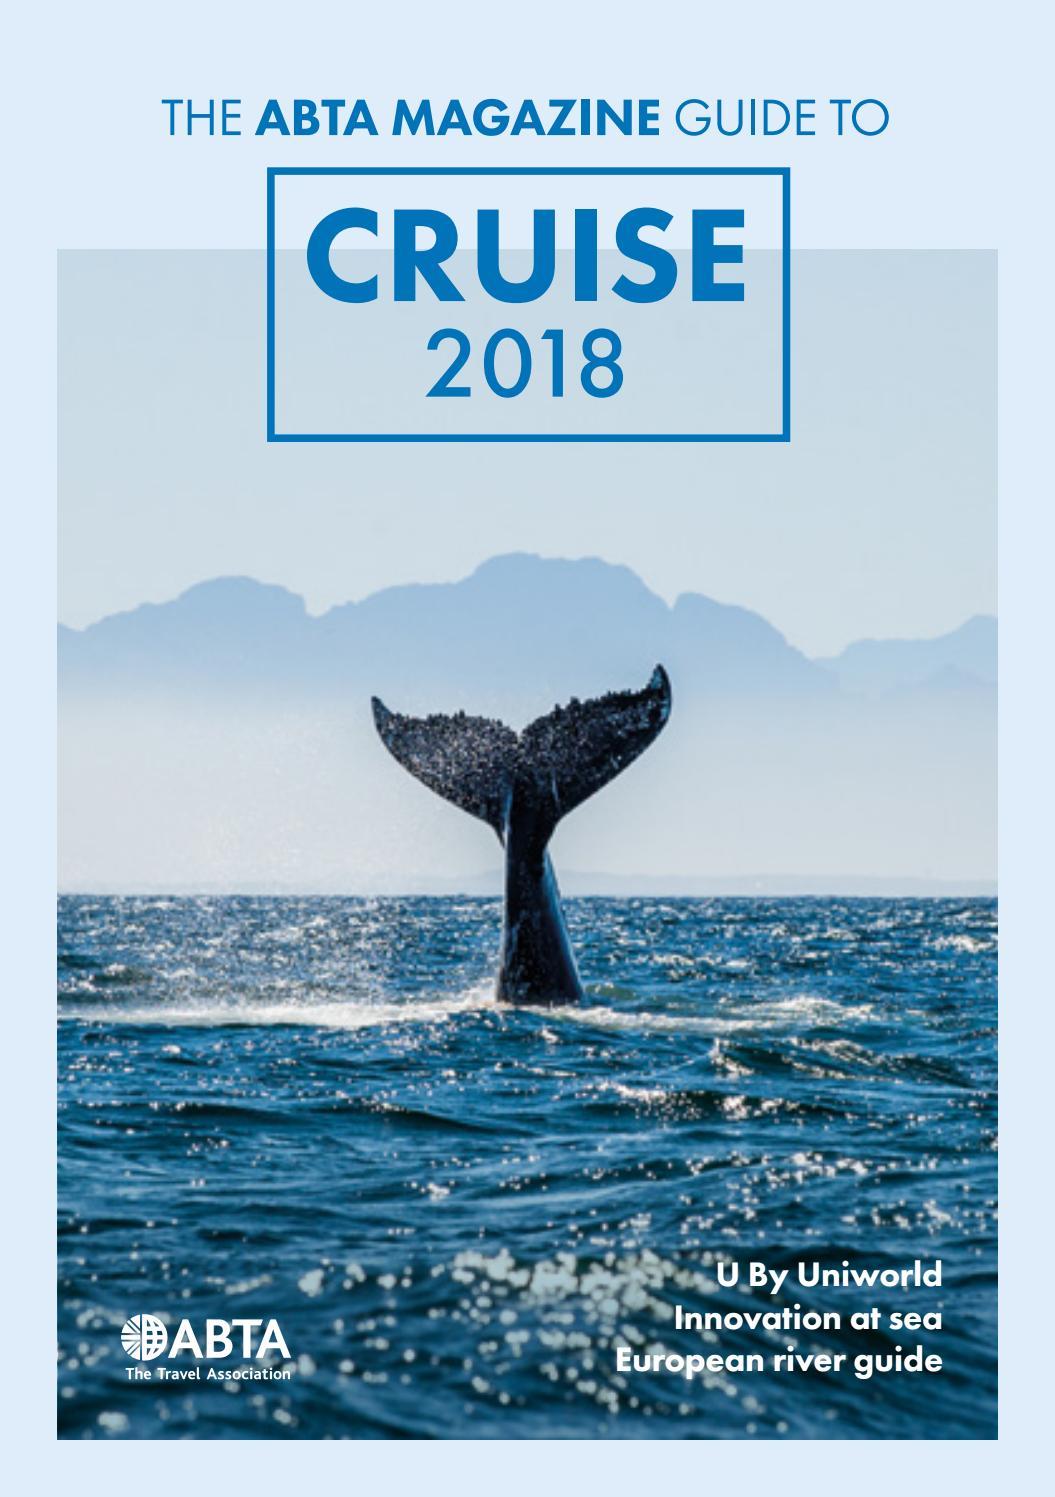 Tv Meubel Avignon Gamma.The Abta Magazine Guide To Cruise 2018 By Abta Magazine Issuu